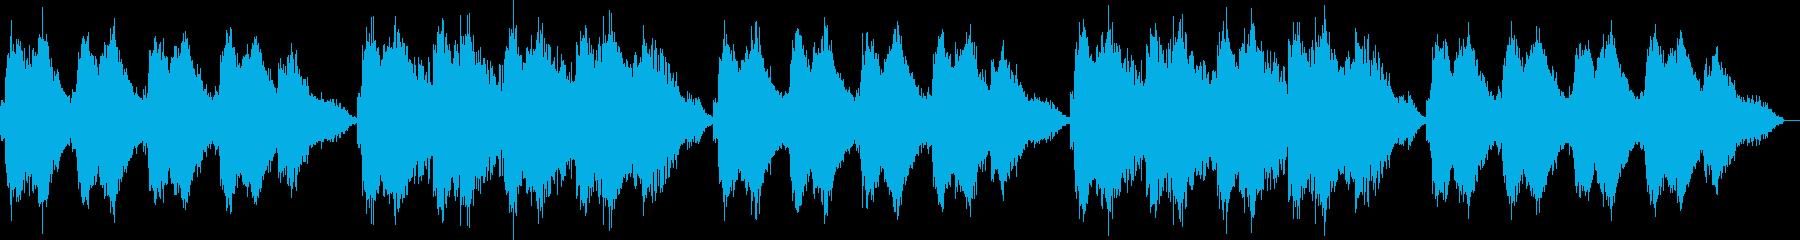 心地よい静けさの電子音による清涼音楽の再生済みの波形